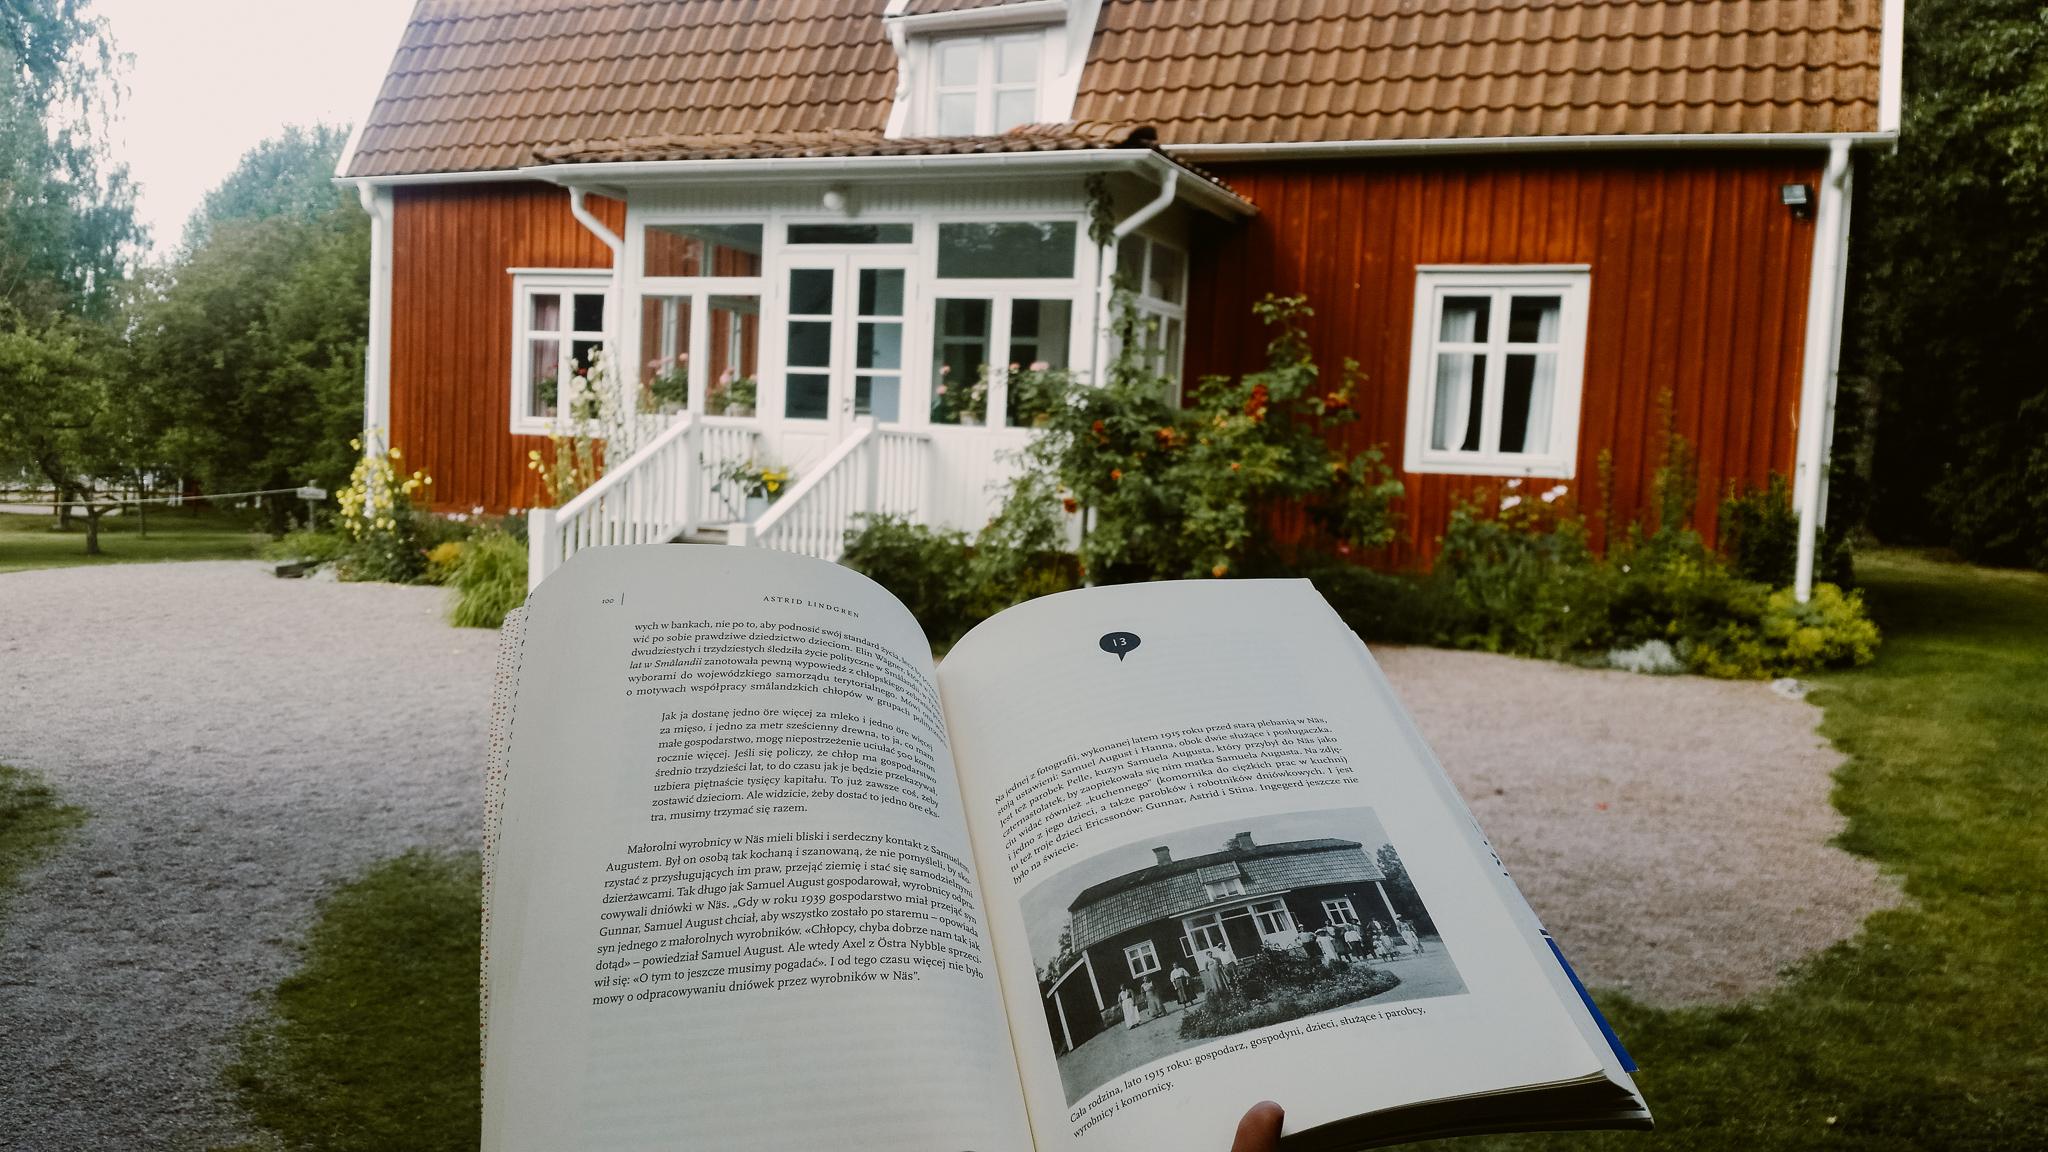 gdzie mieszkała astrid Lindgren